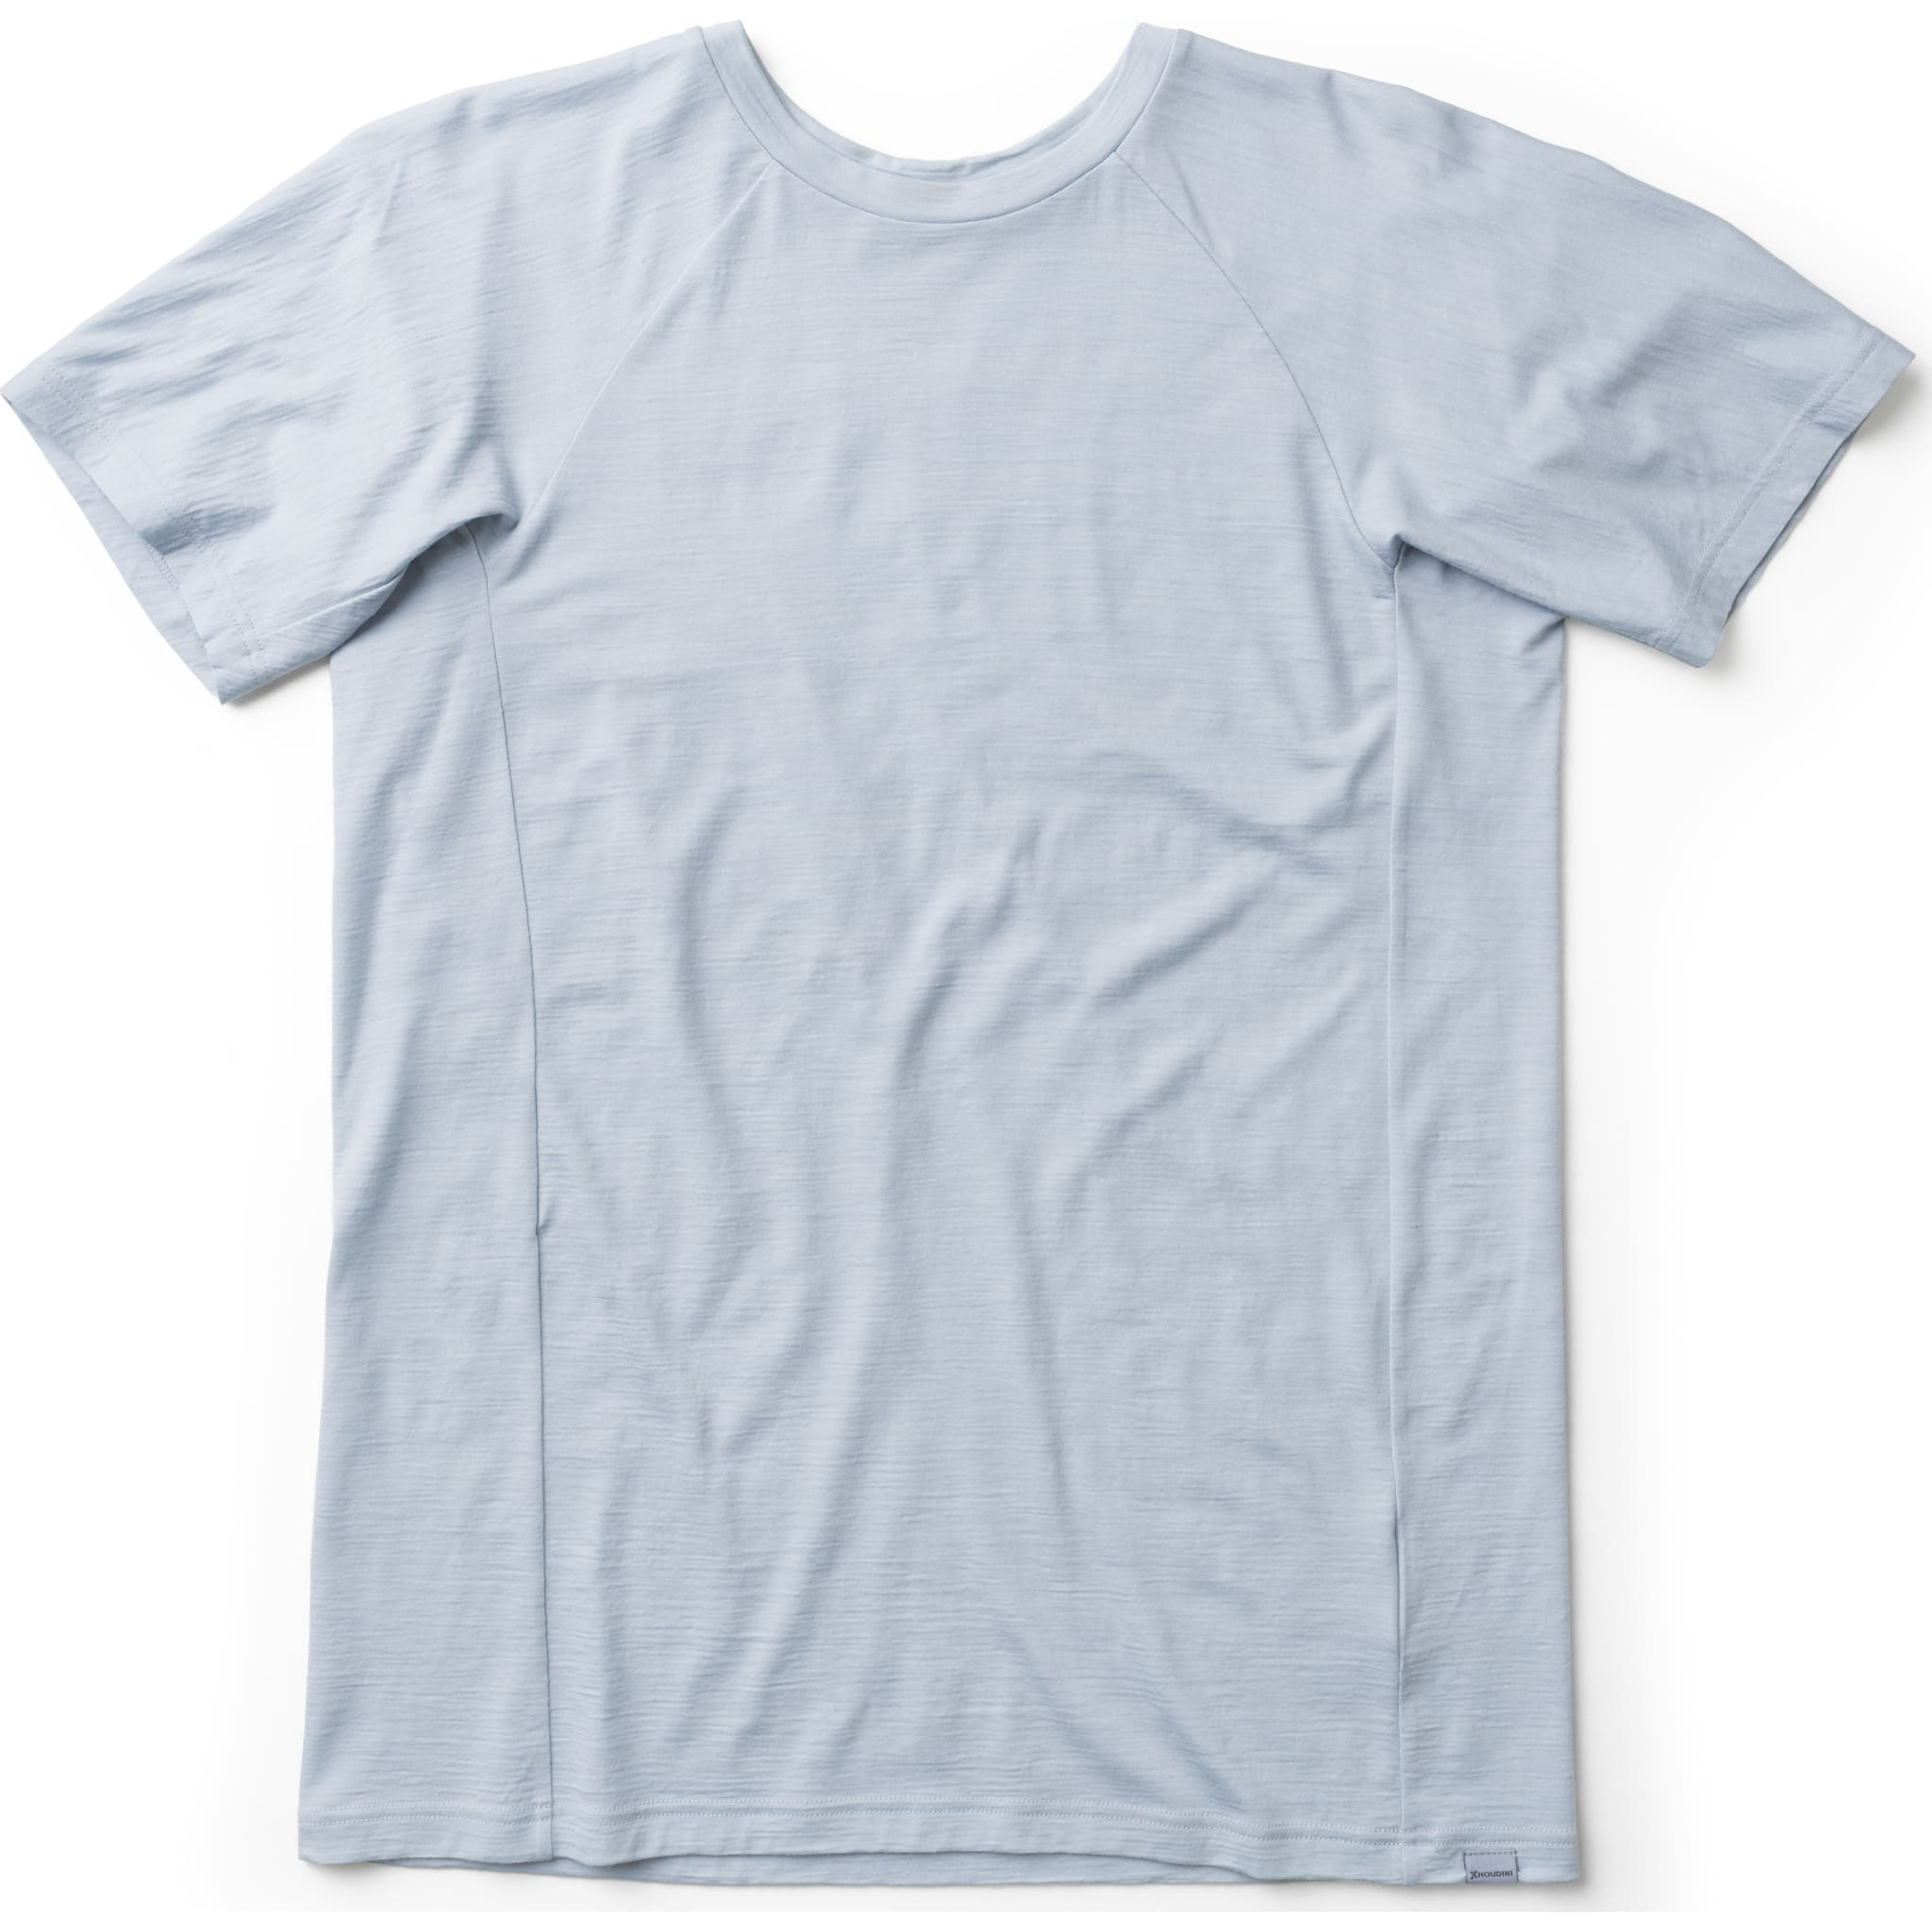 Tynn og lett merinoskjorte laget spesielt for bevegelse